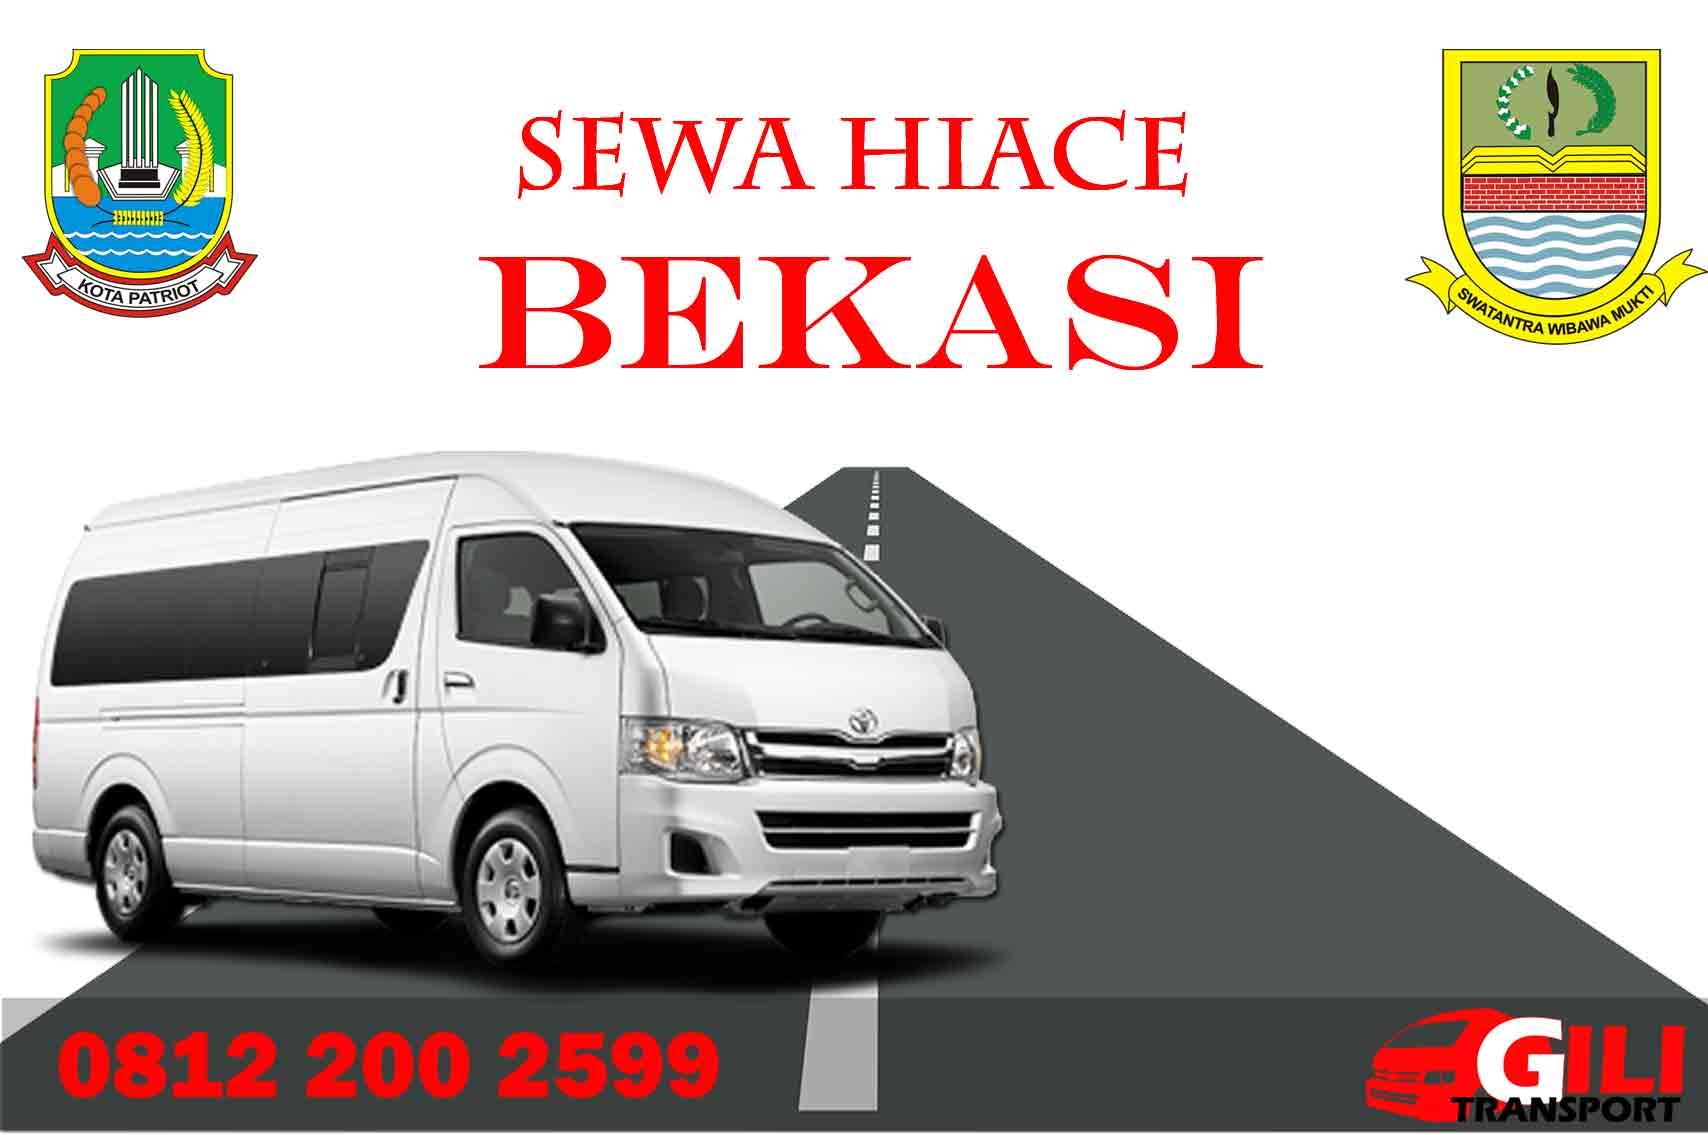 harga sewa hiace di Bekasi gilitrans.com